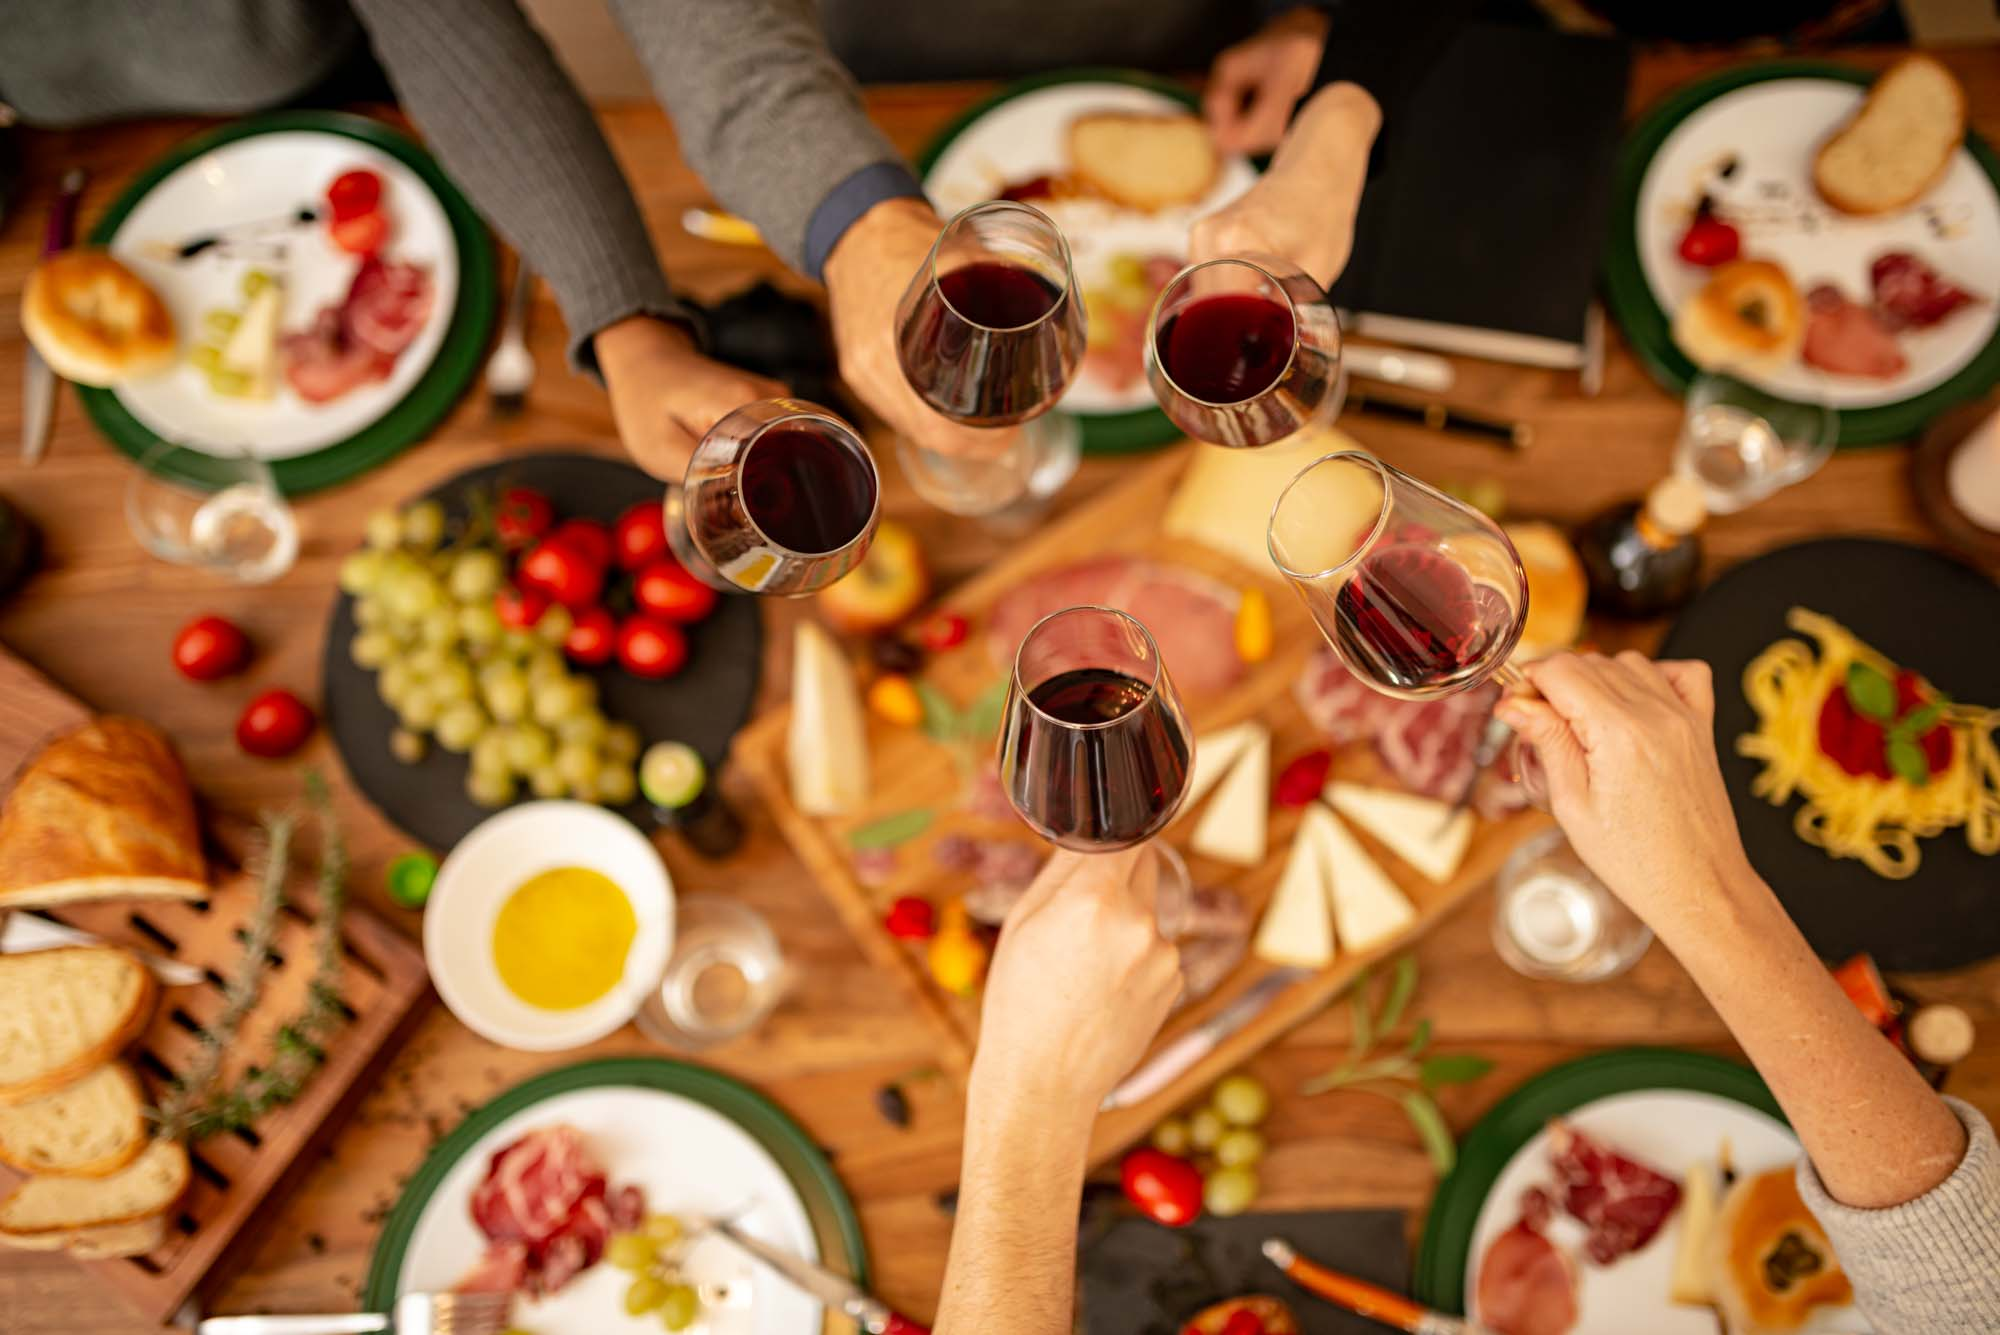 Corsi Di Cucina Cene Aziendali a Salerno